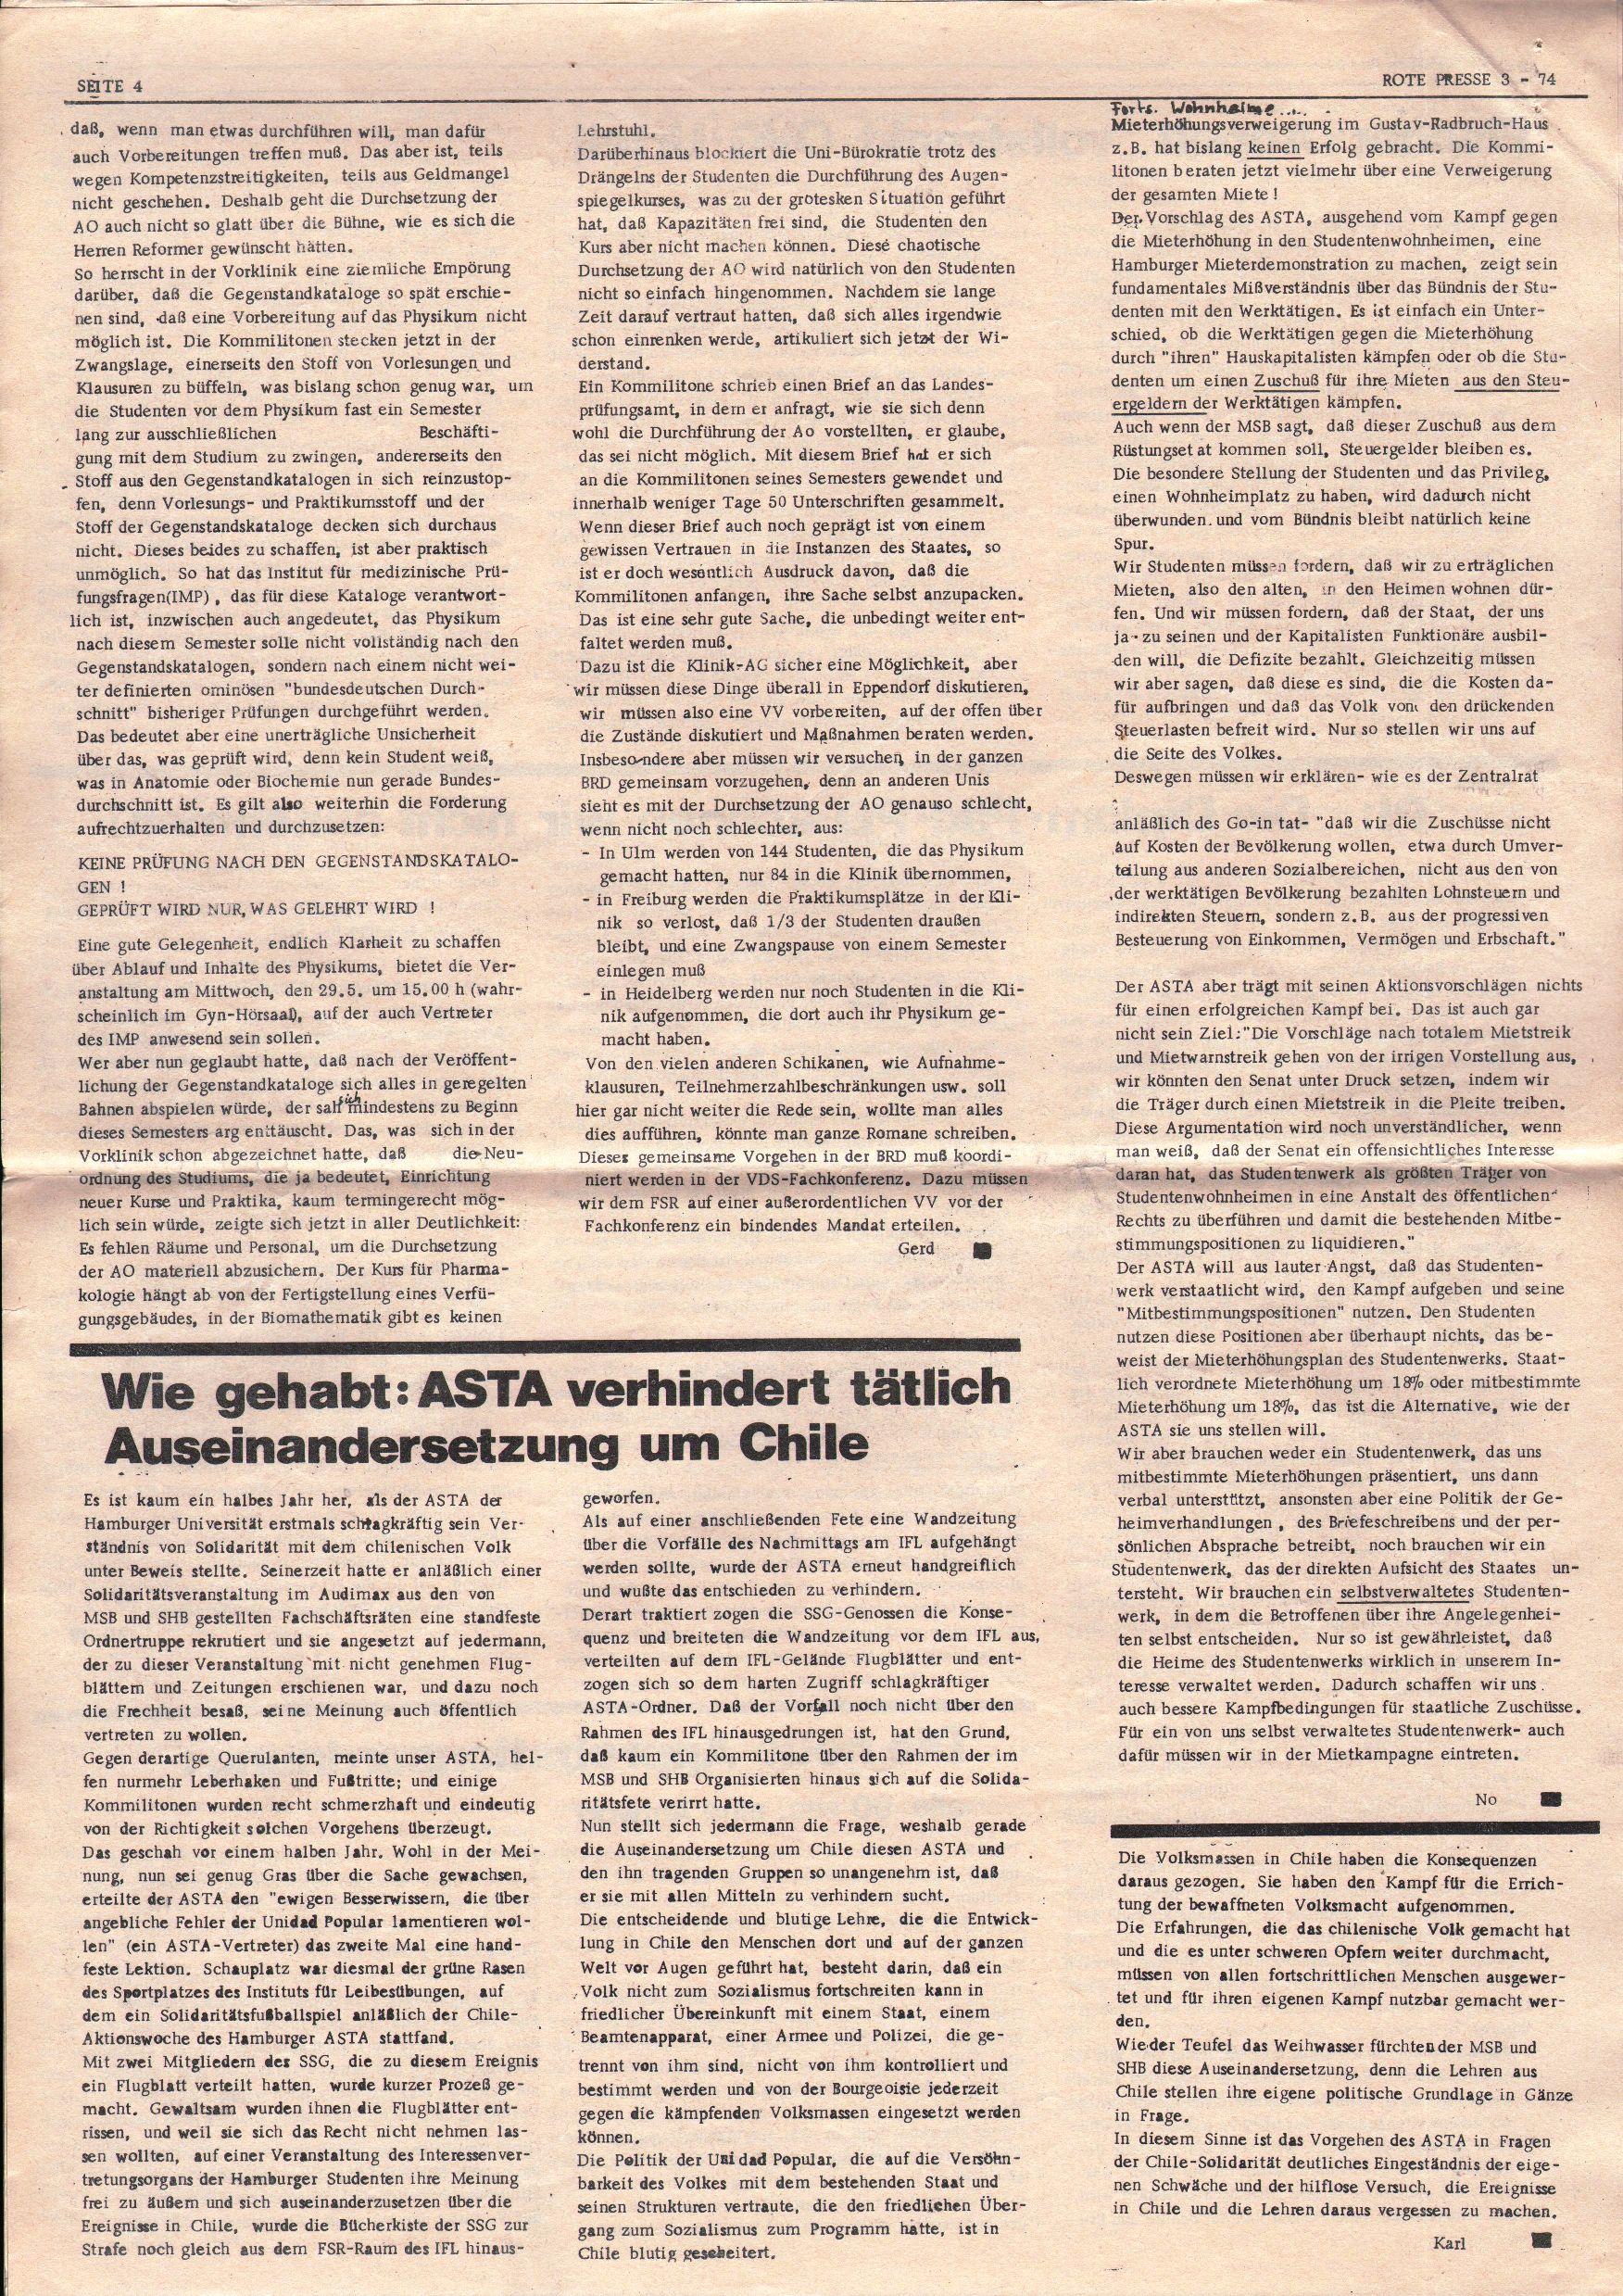 Hamburg_Rote_Presse393